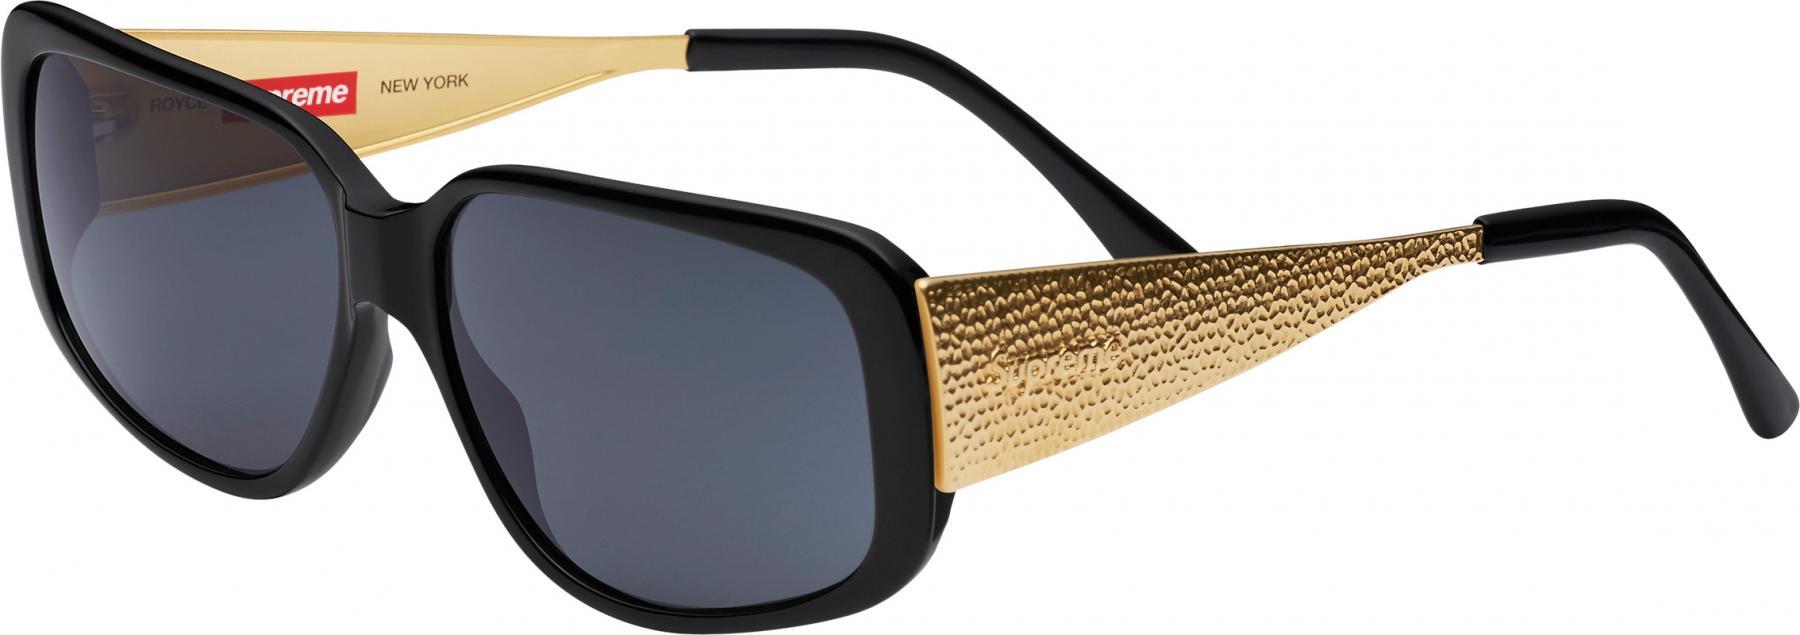 Supreme apresenta novos modelos de óculos escuros 01c6ccf37c